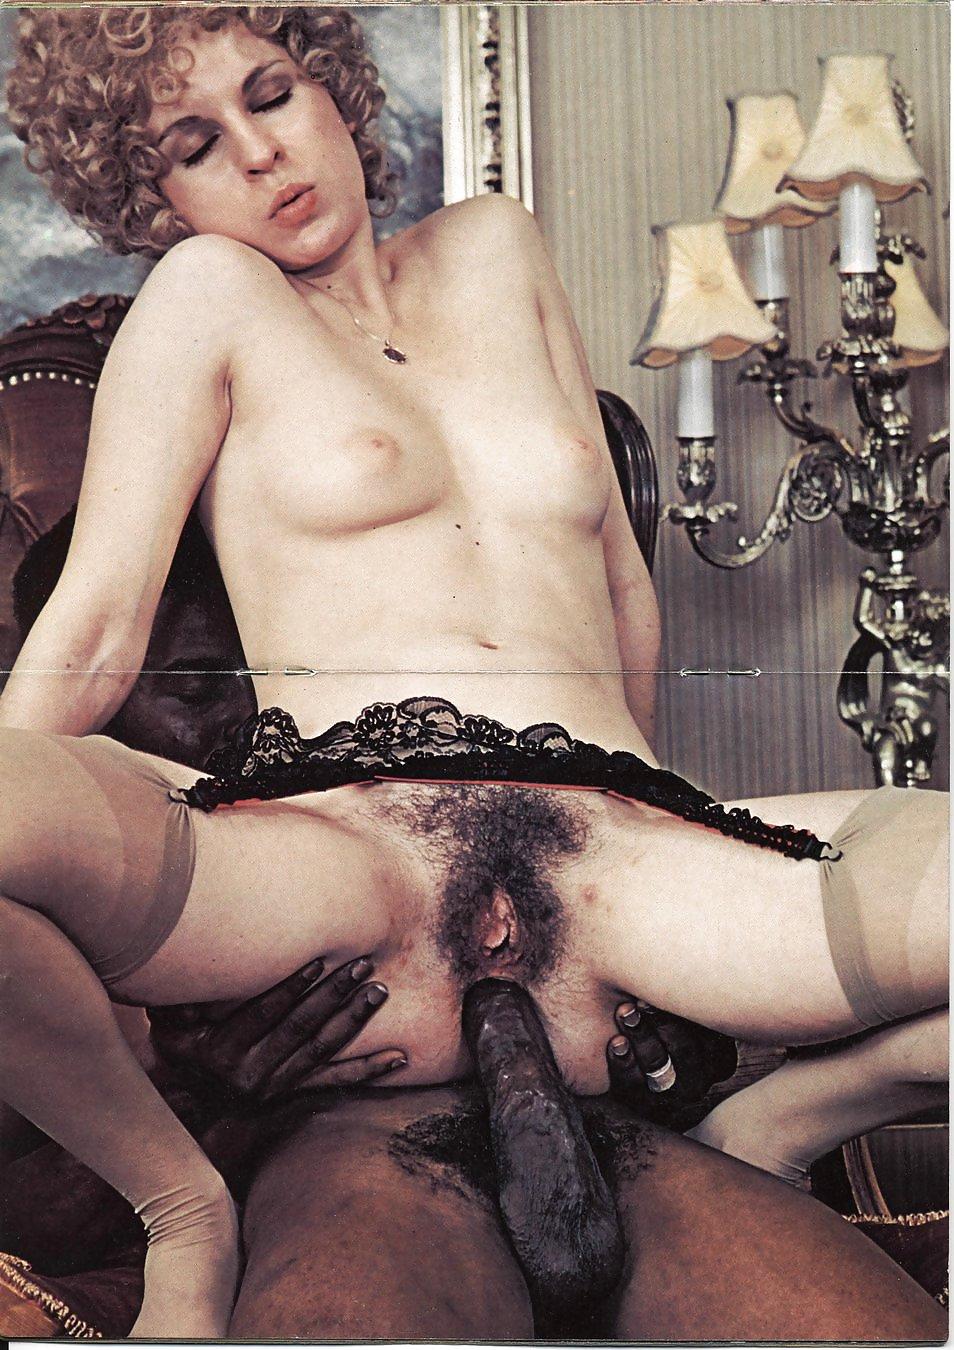 X rated classics vintage pornstar images classic porn